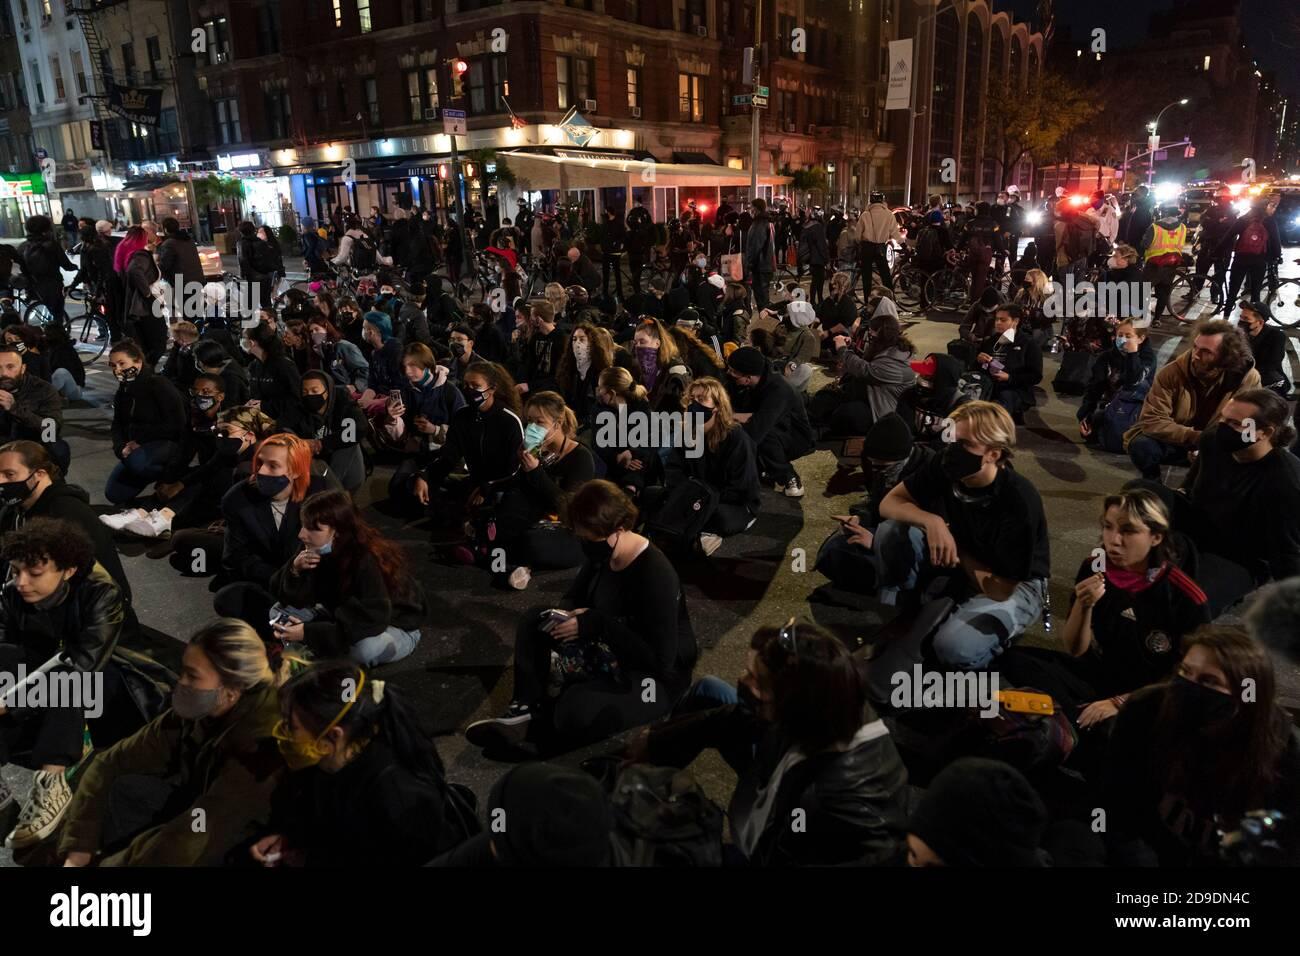 New York, États-Unis. 04e novembre 2020. New York, NY - 4 novembre 2020 : des manifestants bloquent la circulation et s'assoient dans la 14e rue et la 2 avenue. Crédit : SIPA USA/Alay Live News Banque D'Images